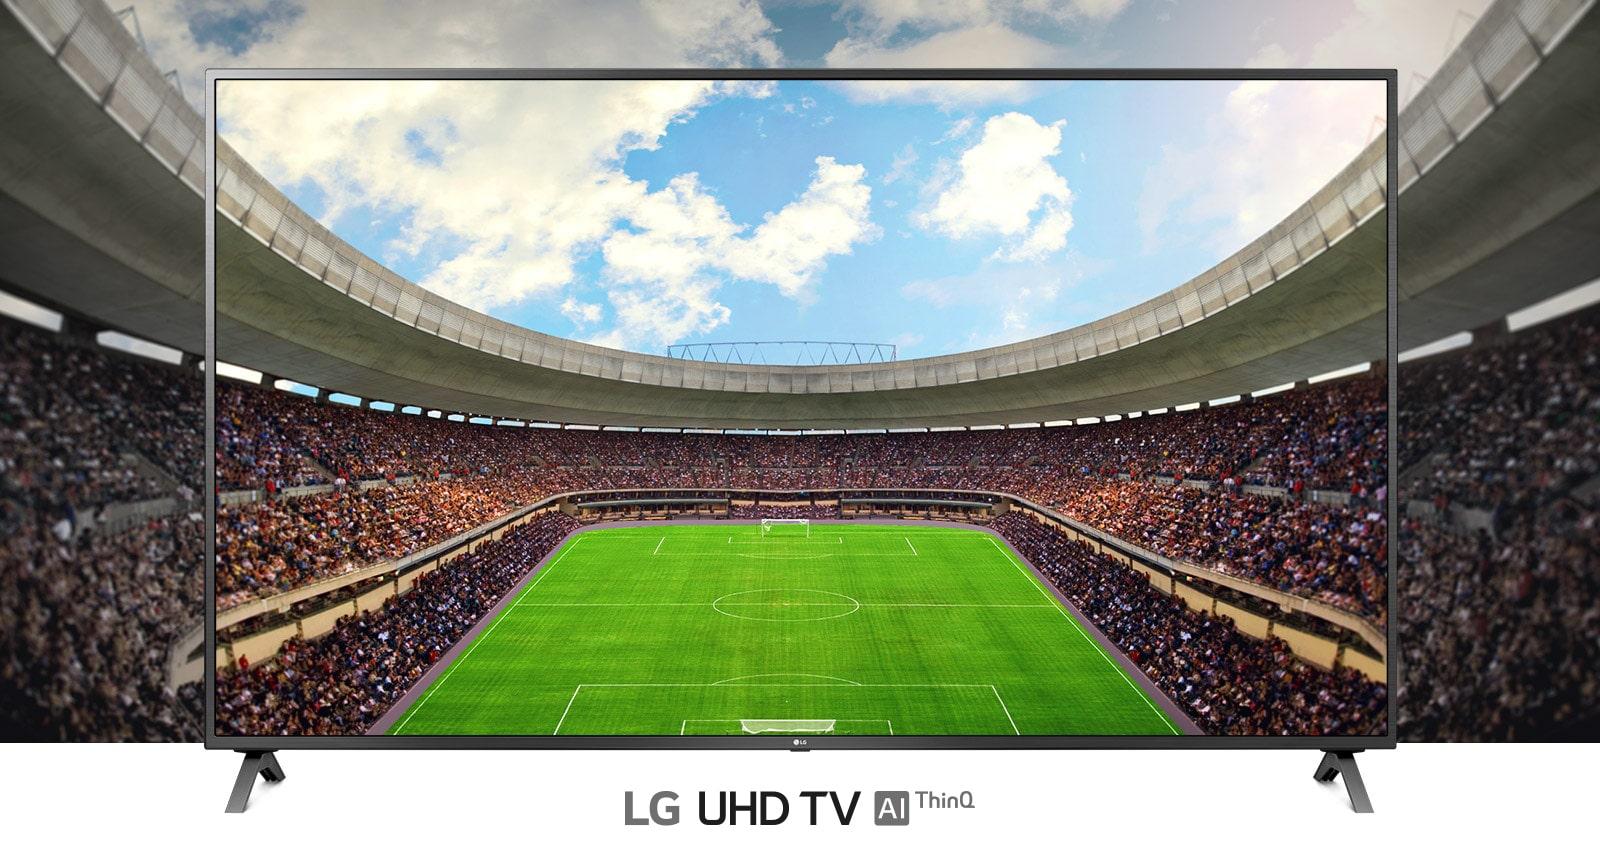 Uma vista panorâmica de um estádio de futebol lotado por torcedores dentro de uma moldura de TV.